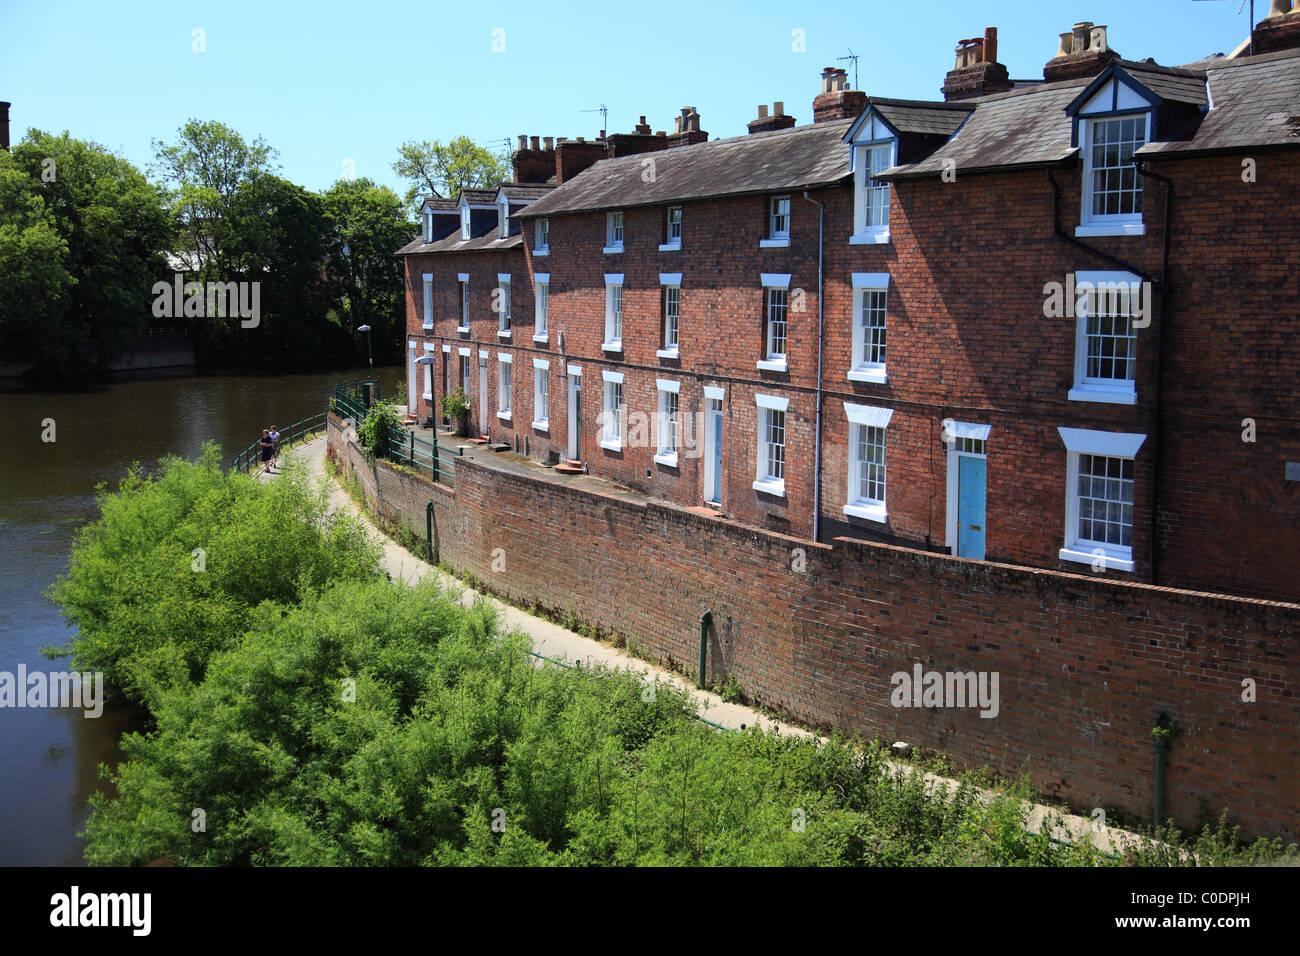 Case in terrazzo marino dall\'inglese e il ponte sul fiume Severn a ...